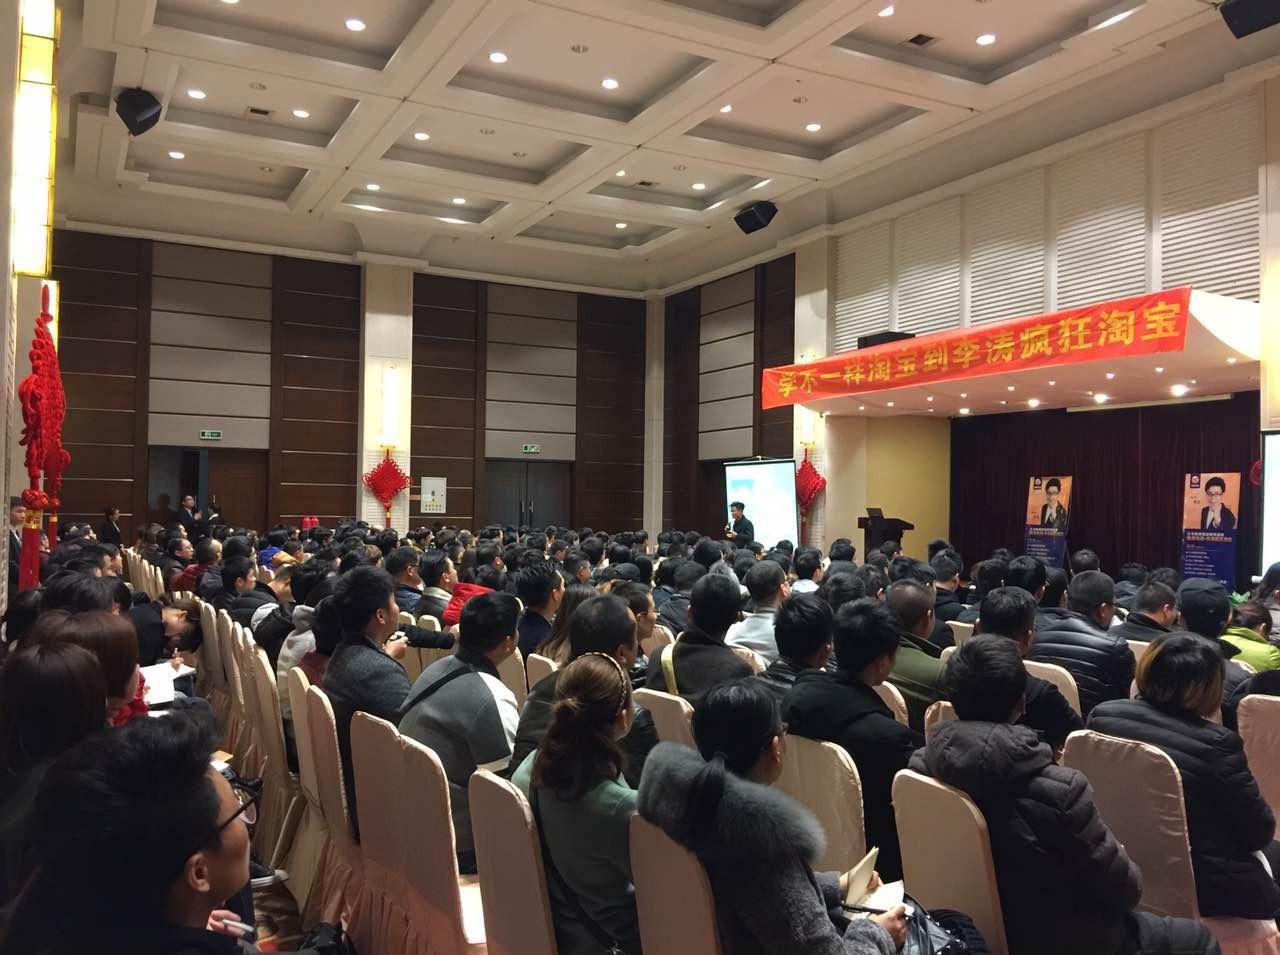 绍兴市2017淘宝运营学习讲座全程免费